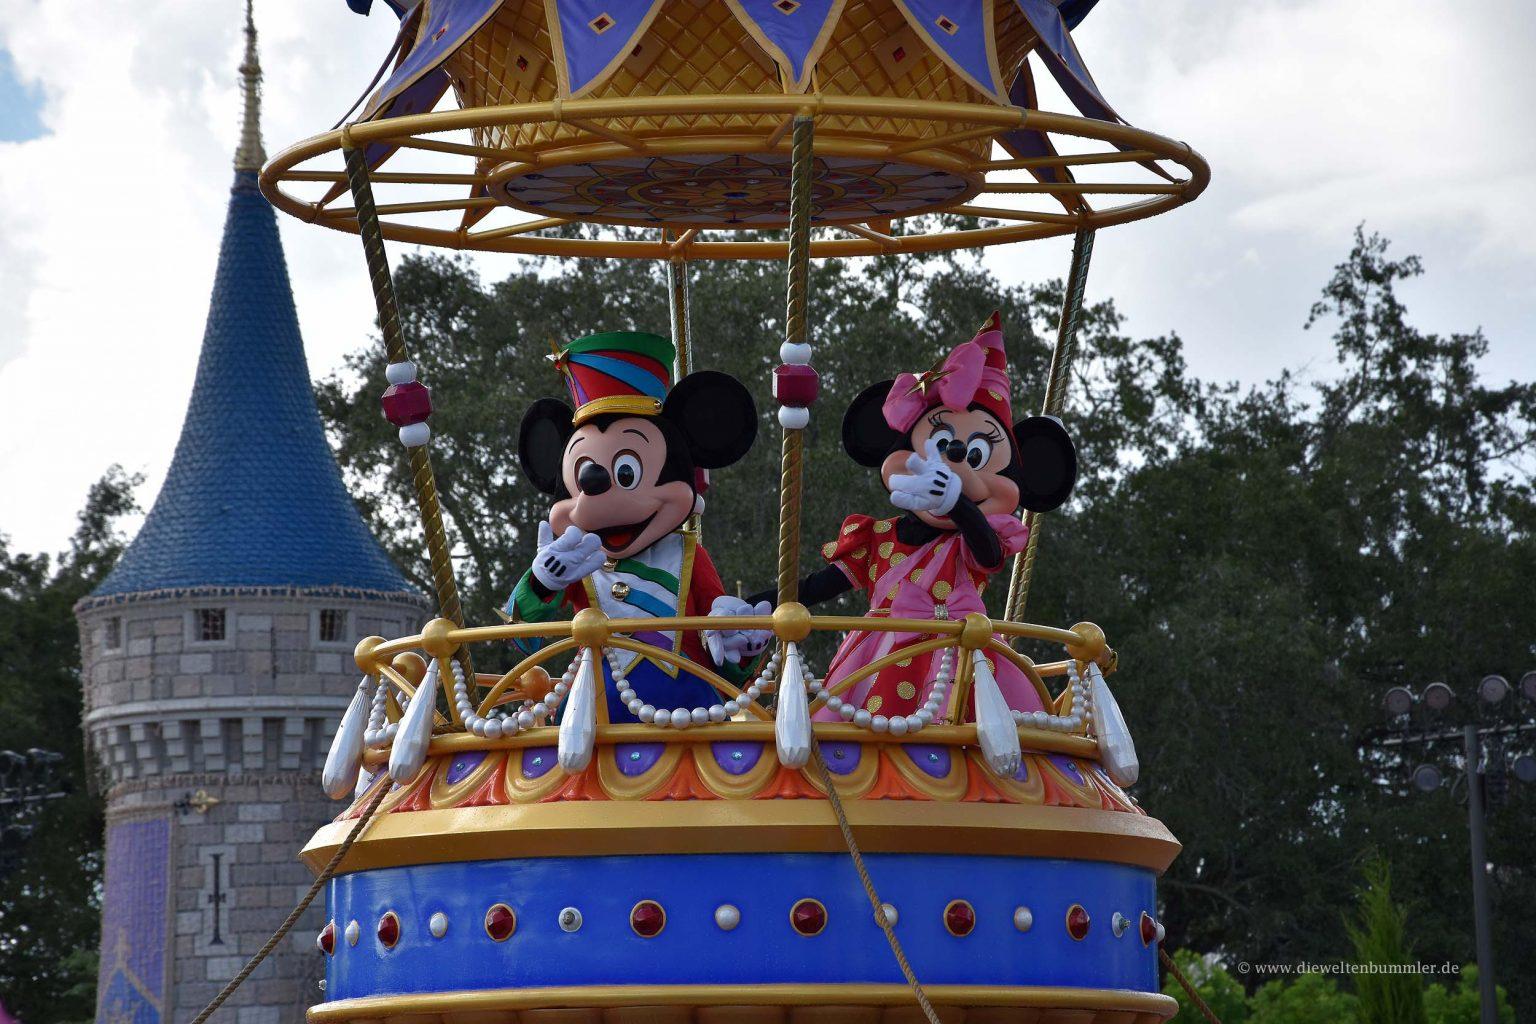 Micky und Minnie bei der Parade